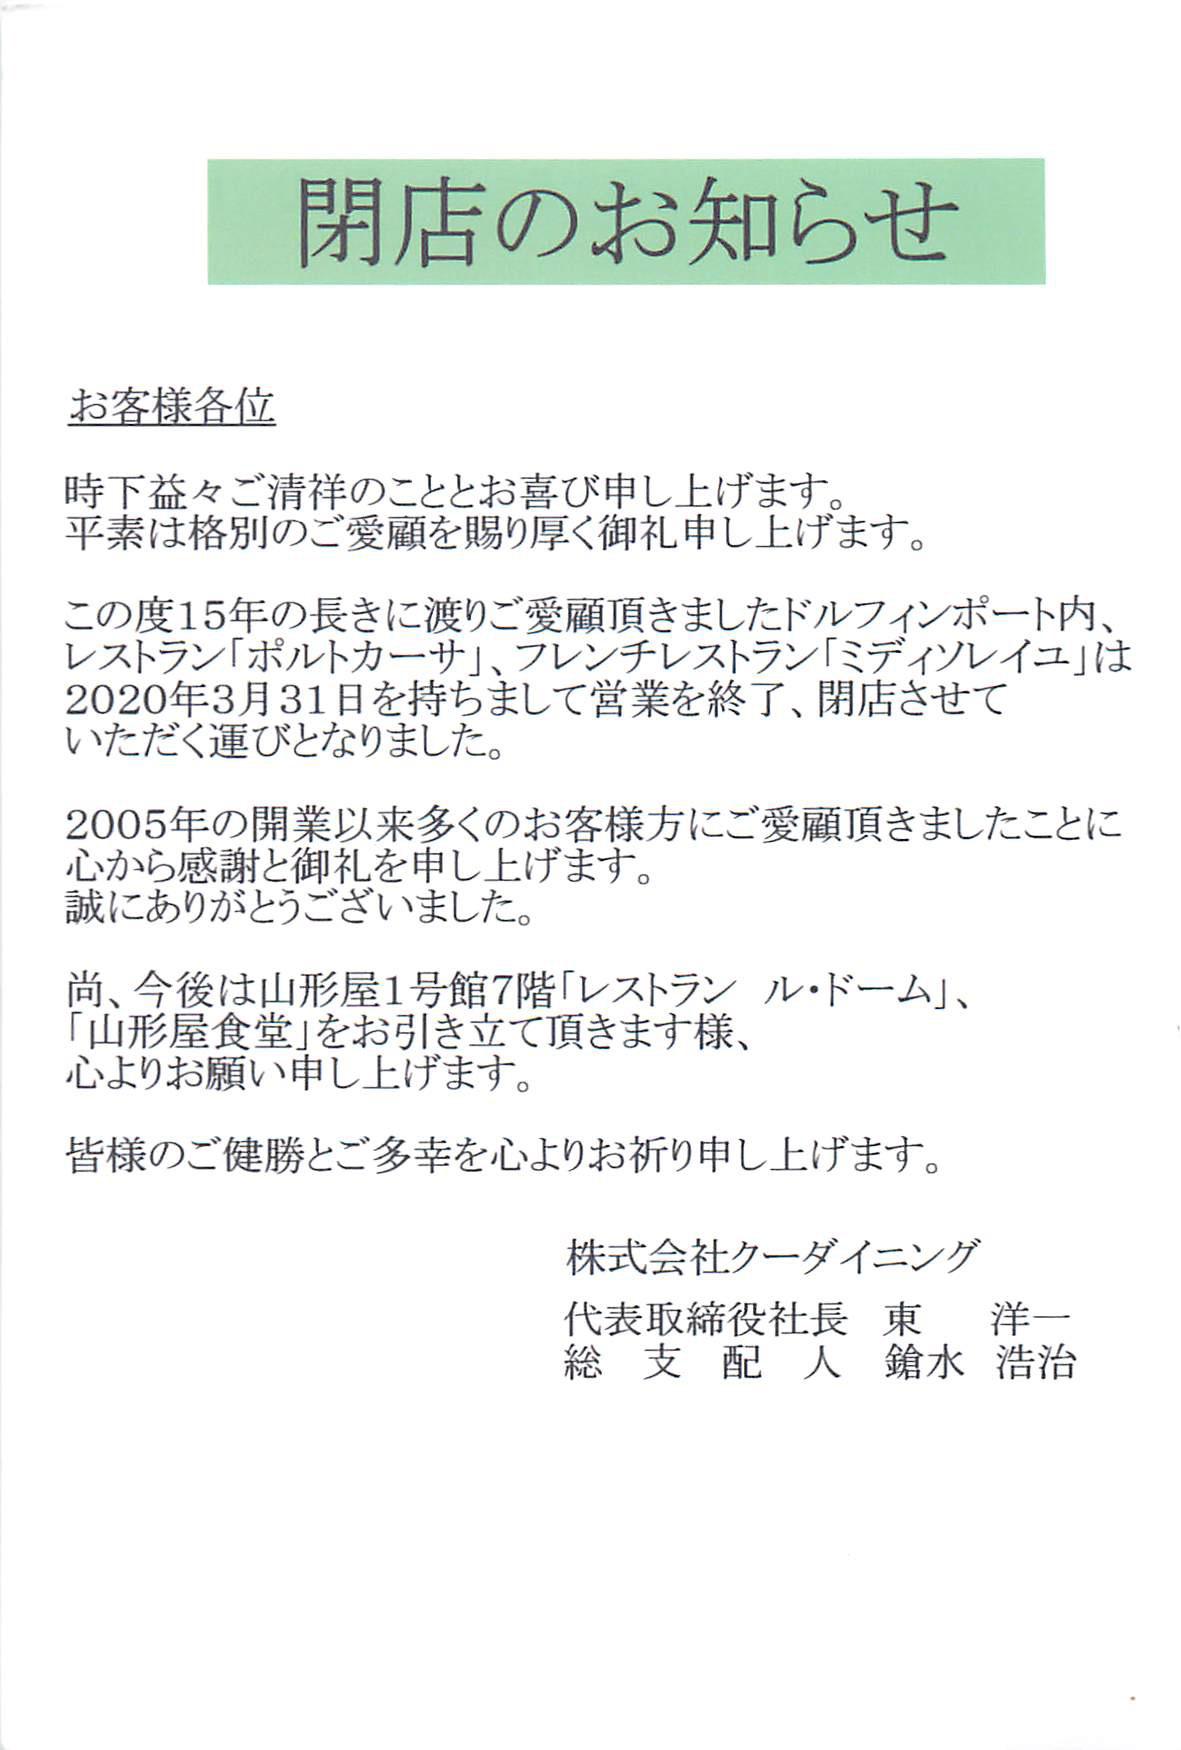 ミディソレイユ閉店_c0059521_19003739.jpg